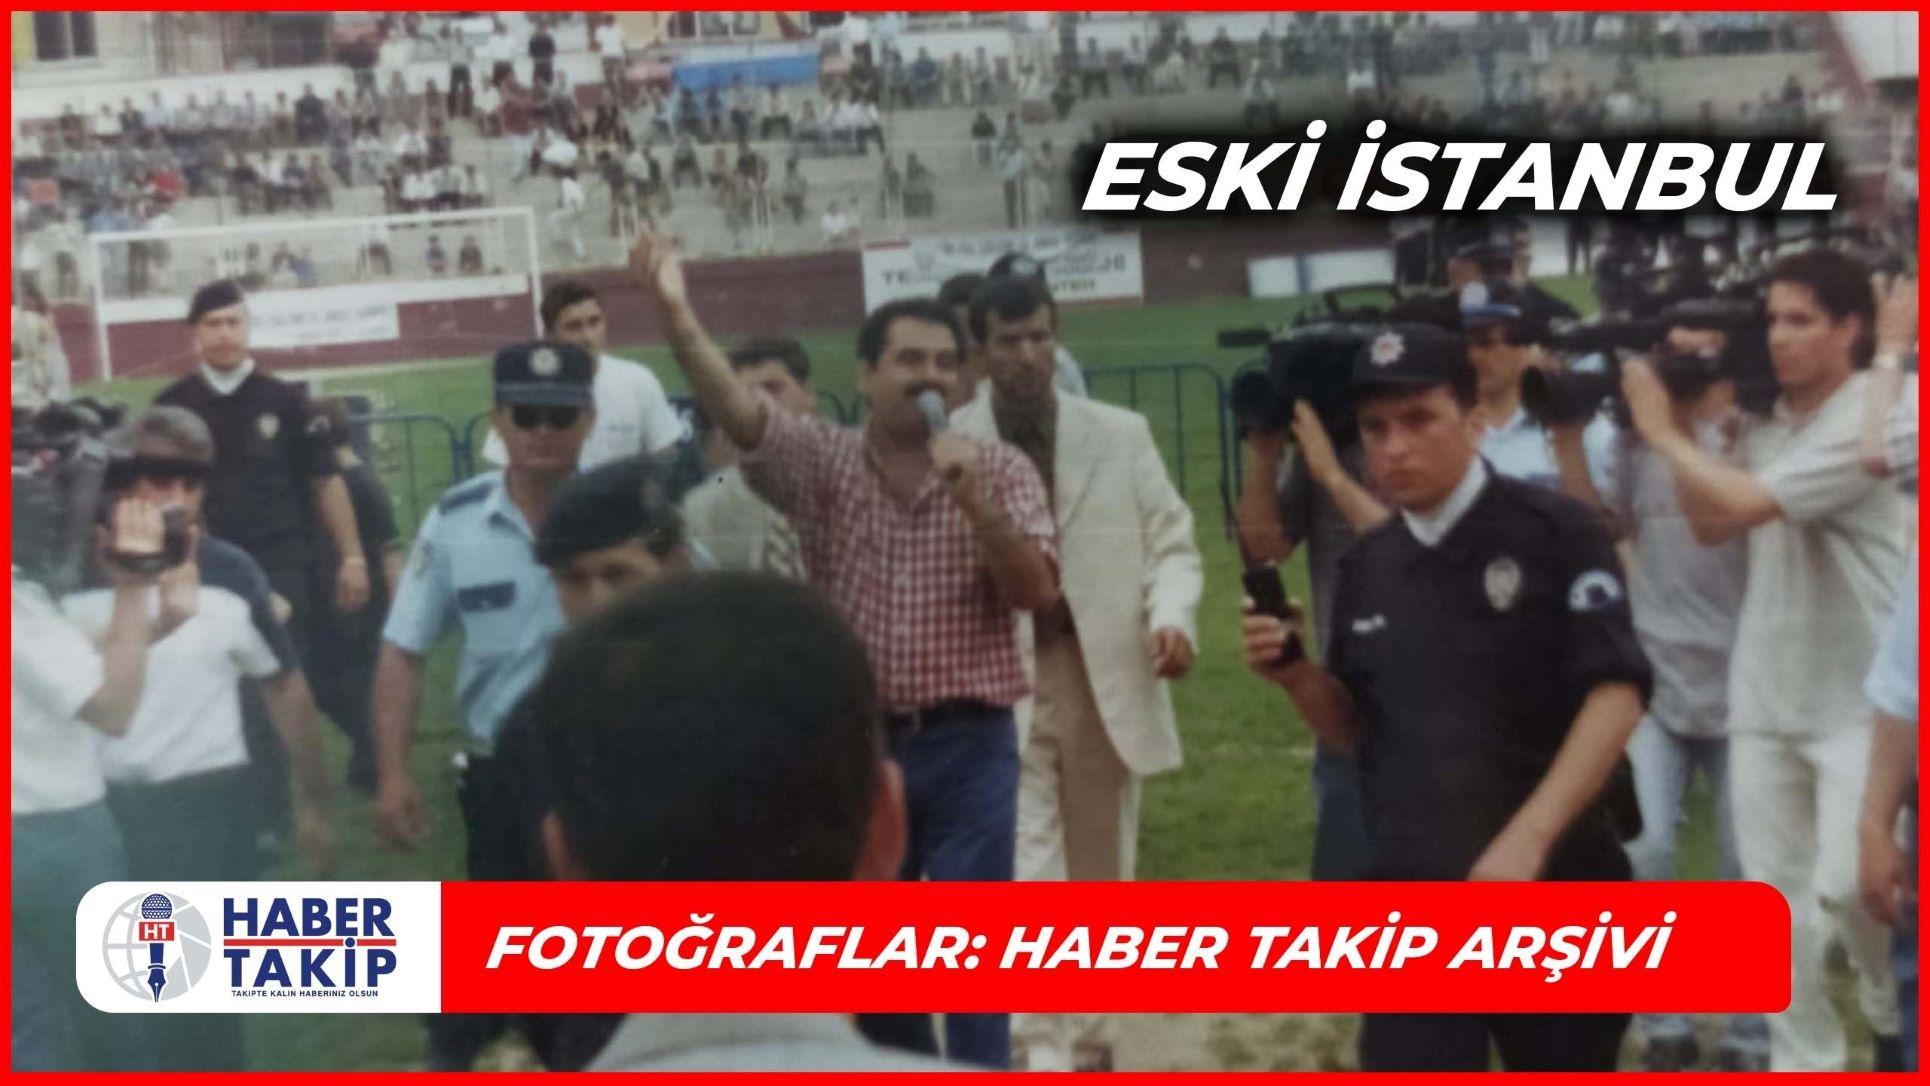 Haber Takip Arşivinden Eski İstanbul #nostalji